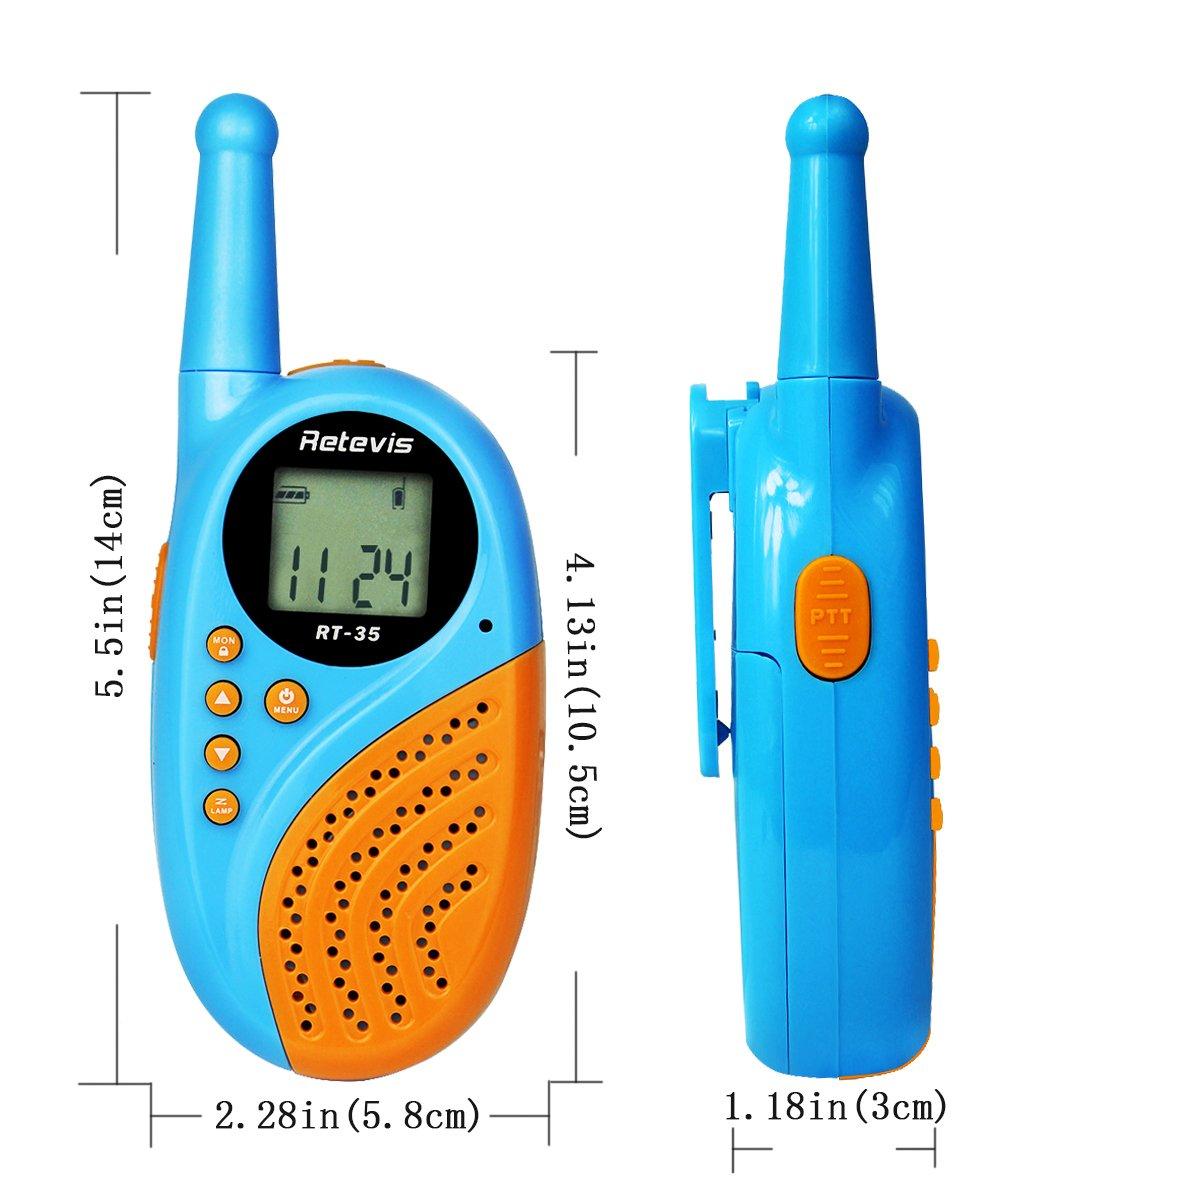 Retevis RT35 Kids Walkie Talkies USB License-Free Digital Alarm Clock 2 Way Radio(Blue, 4 Pack) by Retevis (Image #3)